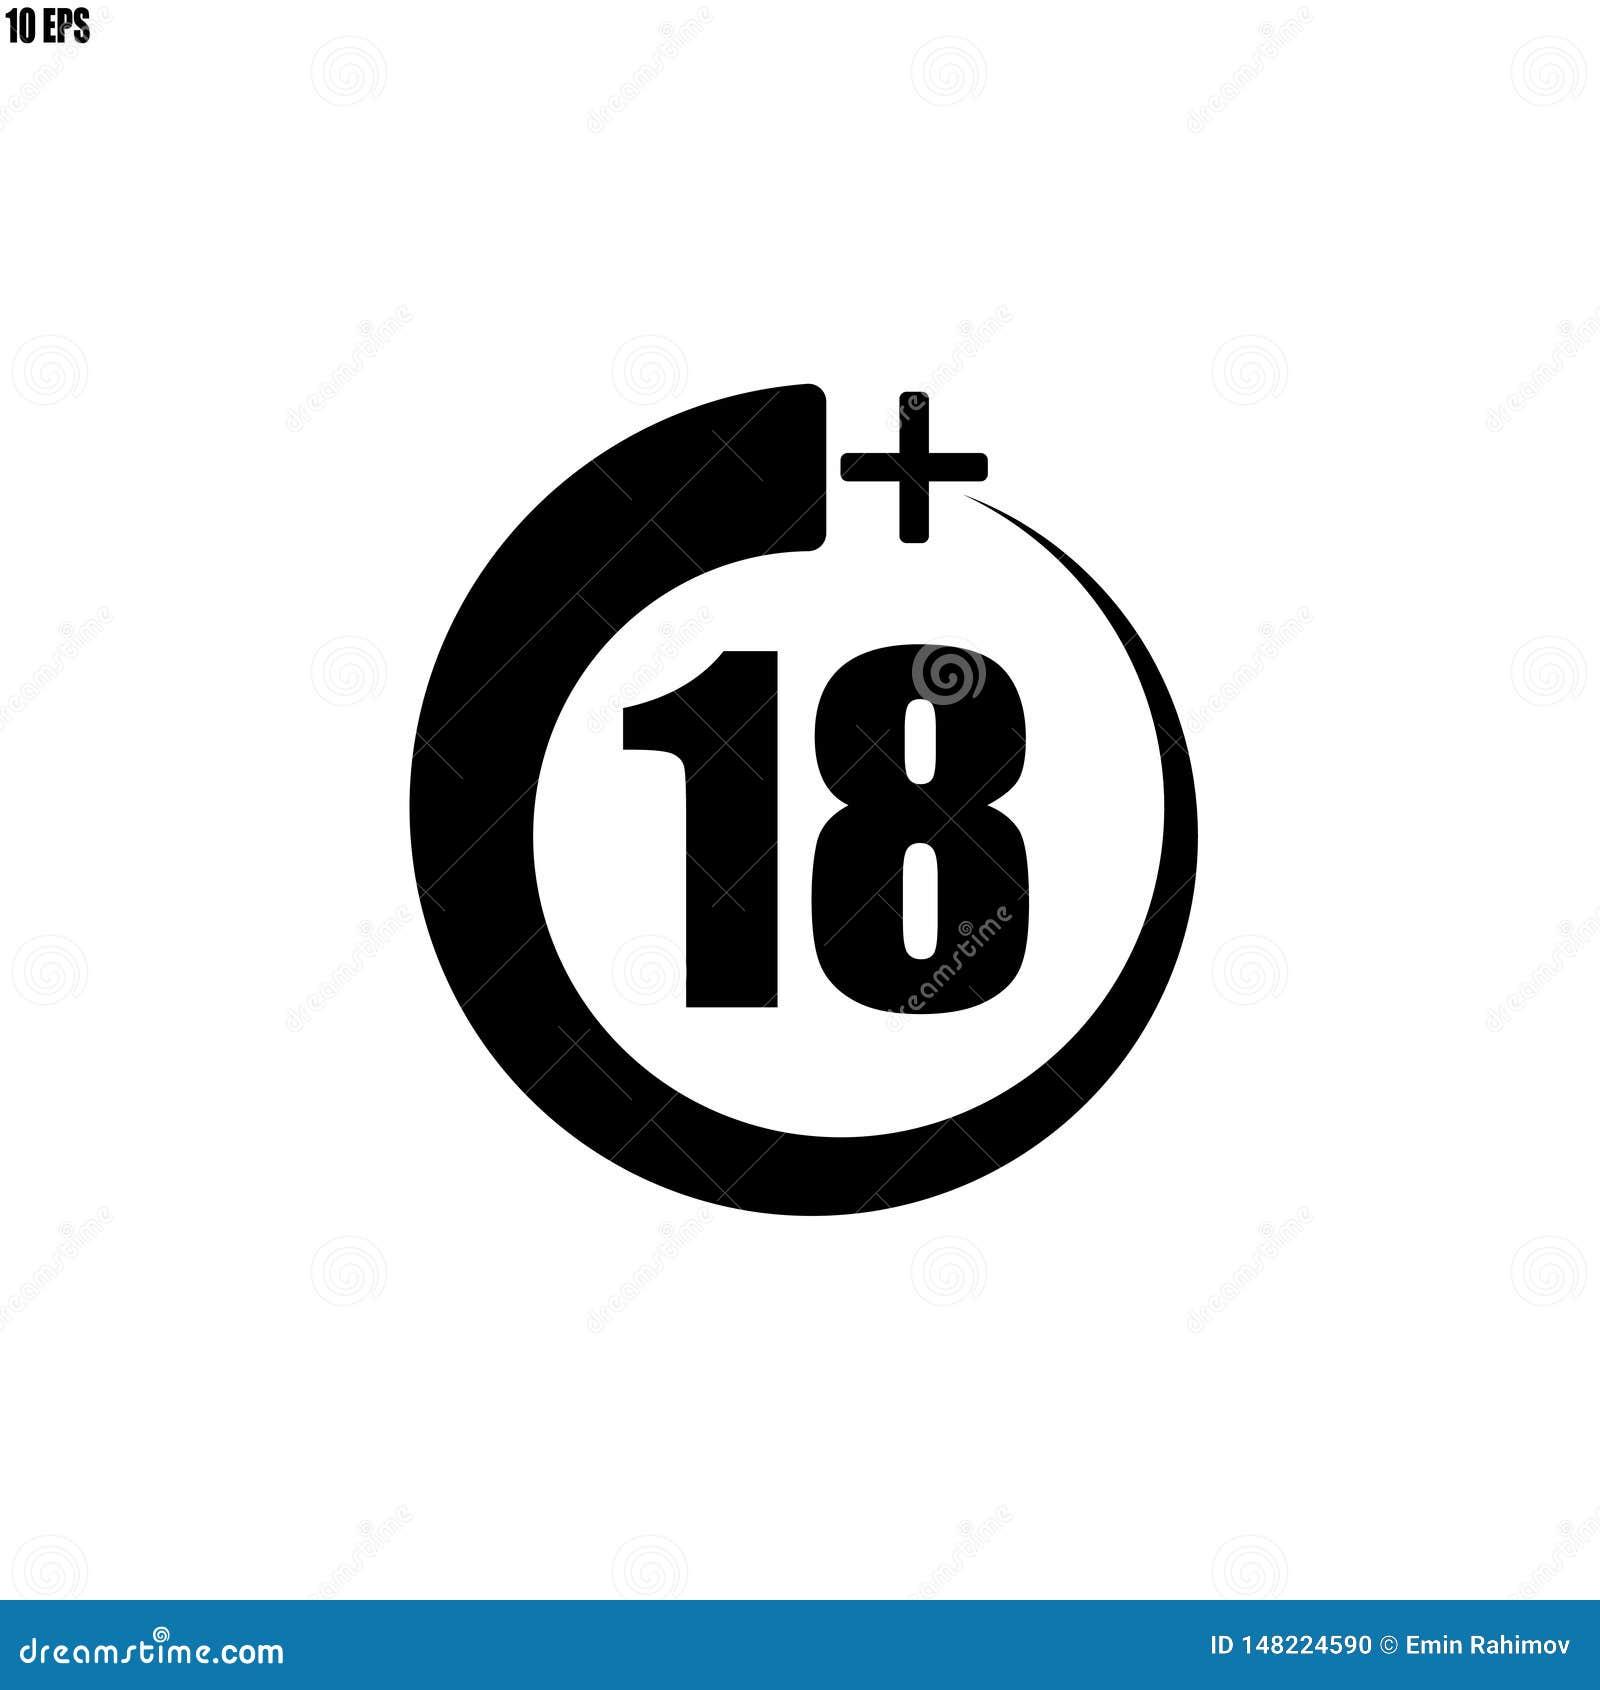 18+ icona, segno Icona di informazioni per il limite di et? - illustrazione di vettore